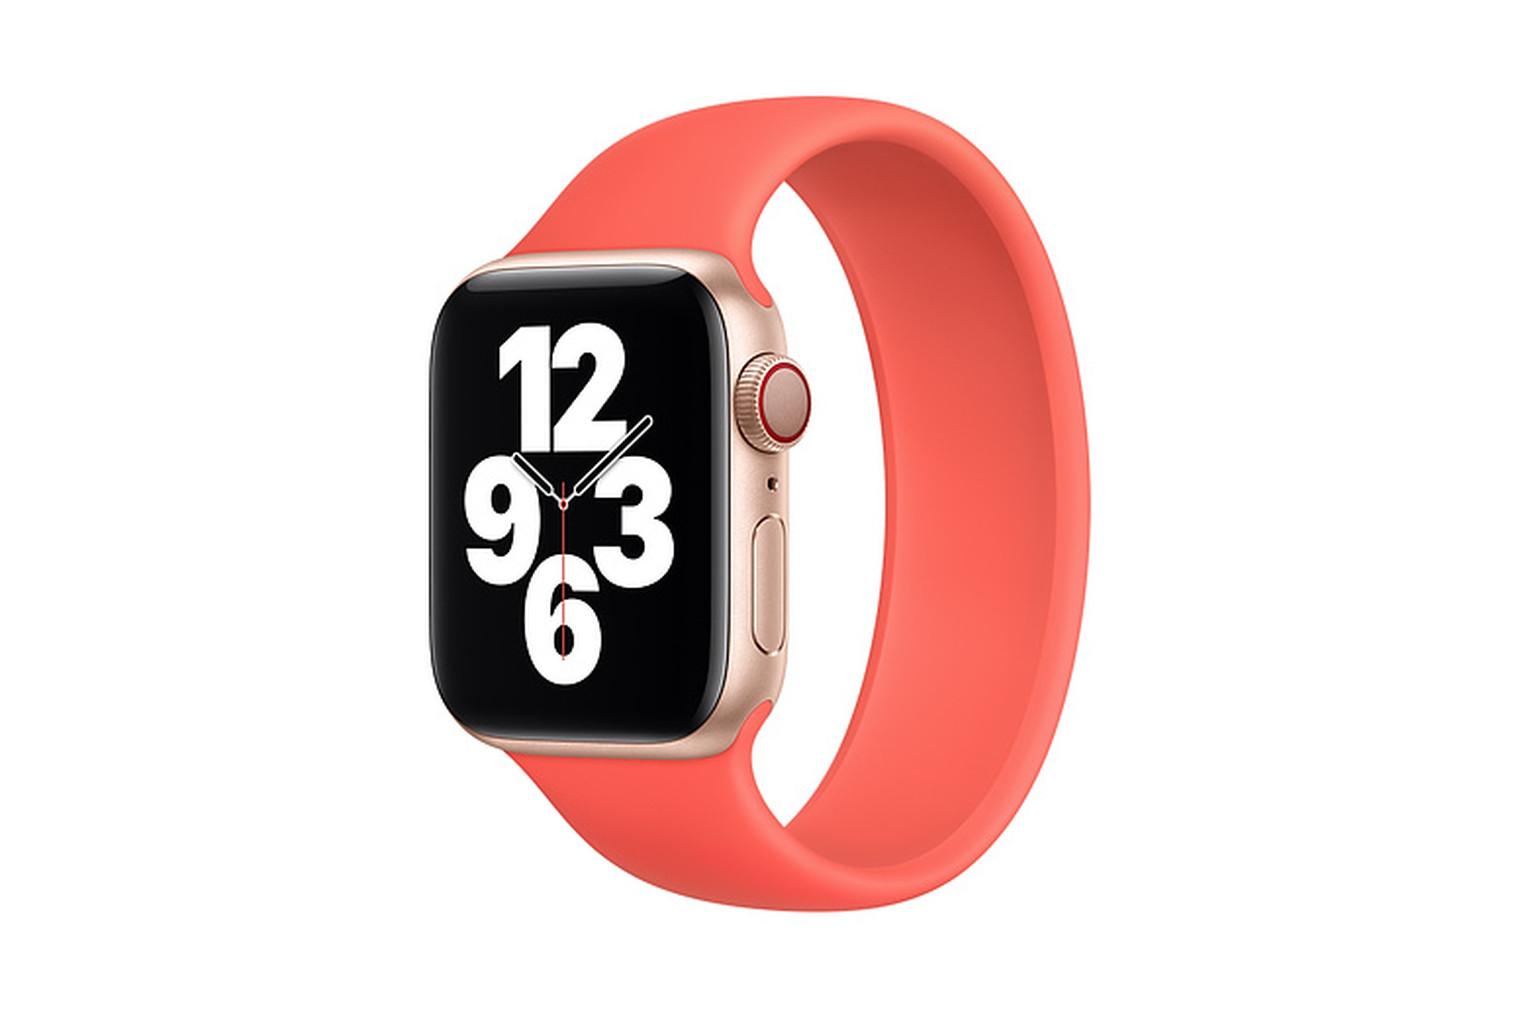 Dây đeo đồng hồ mới của Apple có 12 kích cỡ và bạn cần phải đo cổ tay của mình để chọn đúng